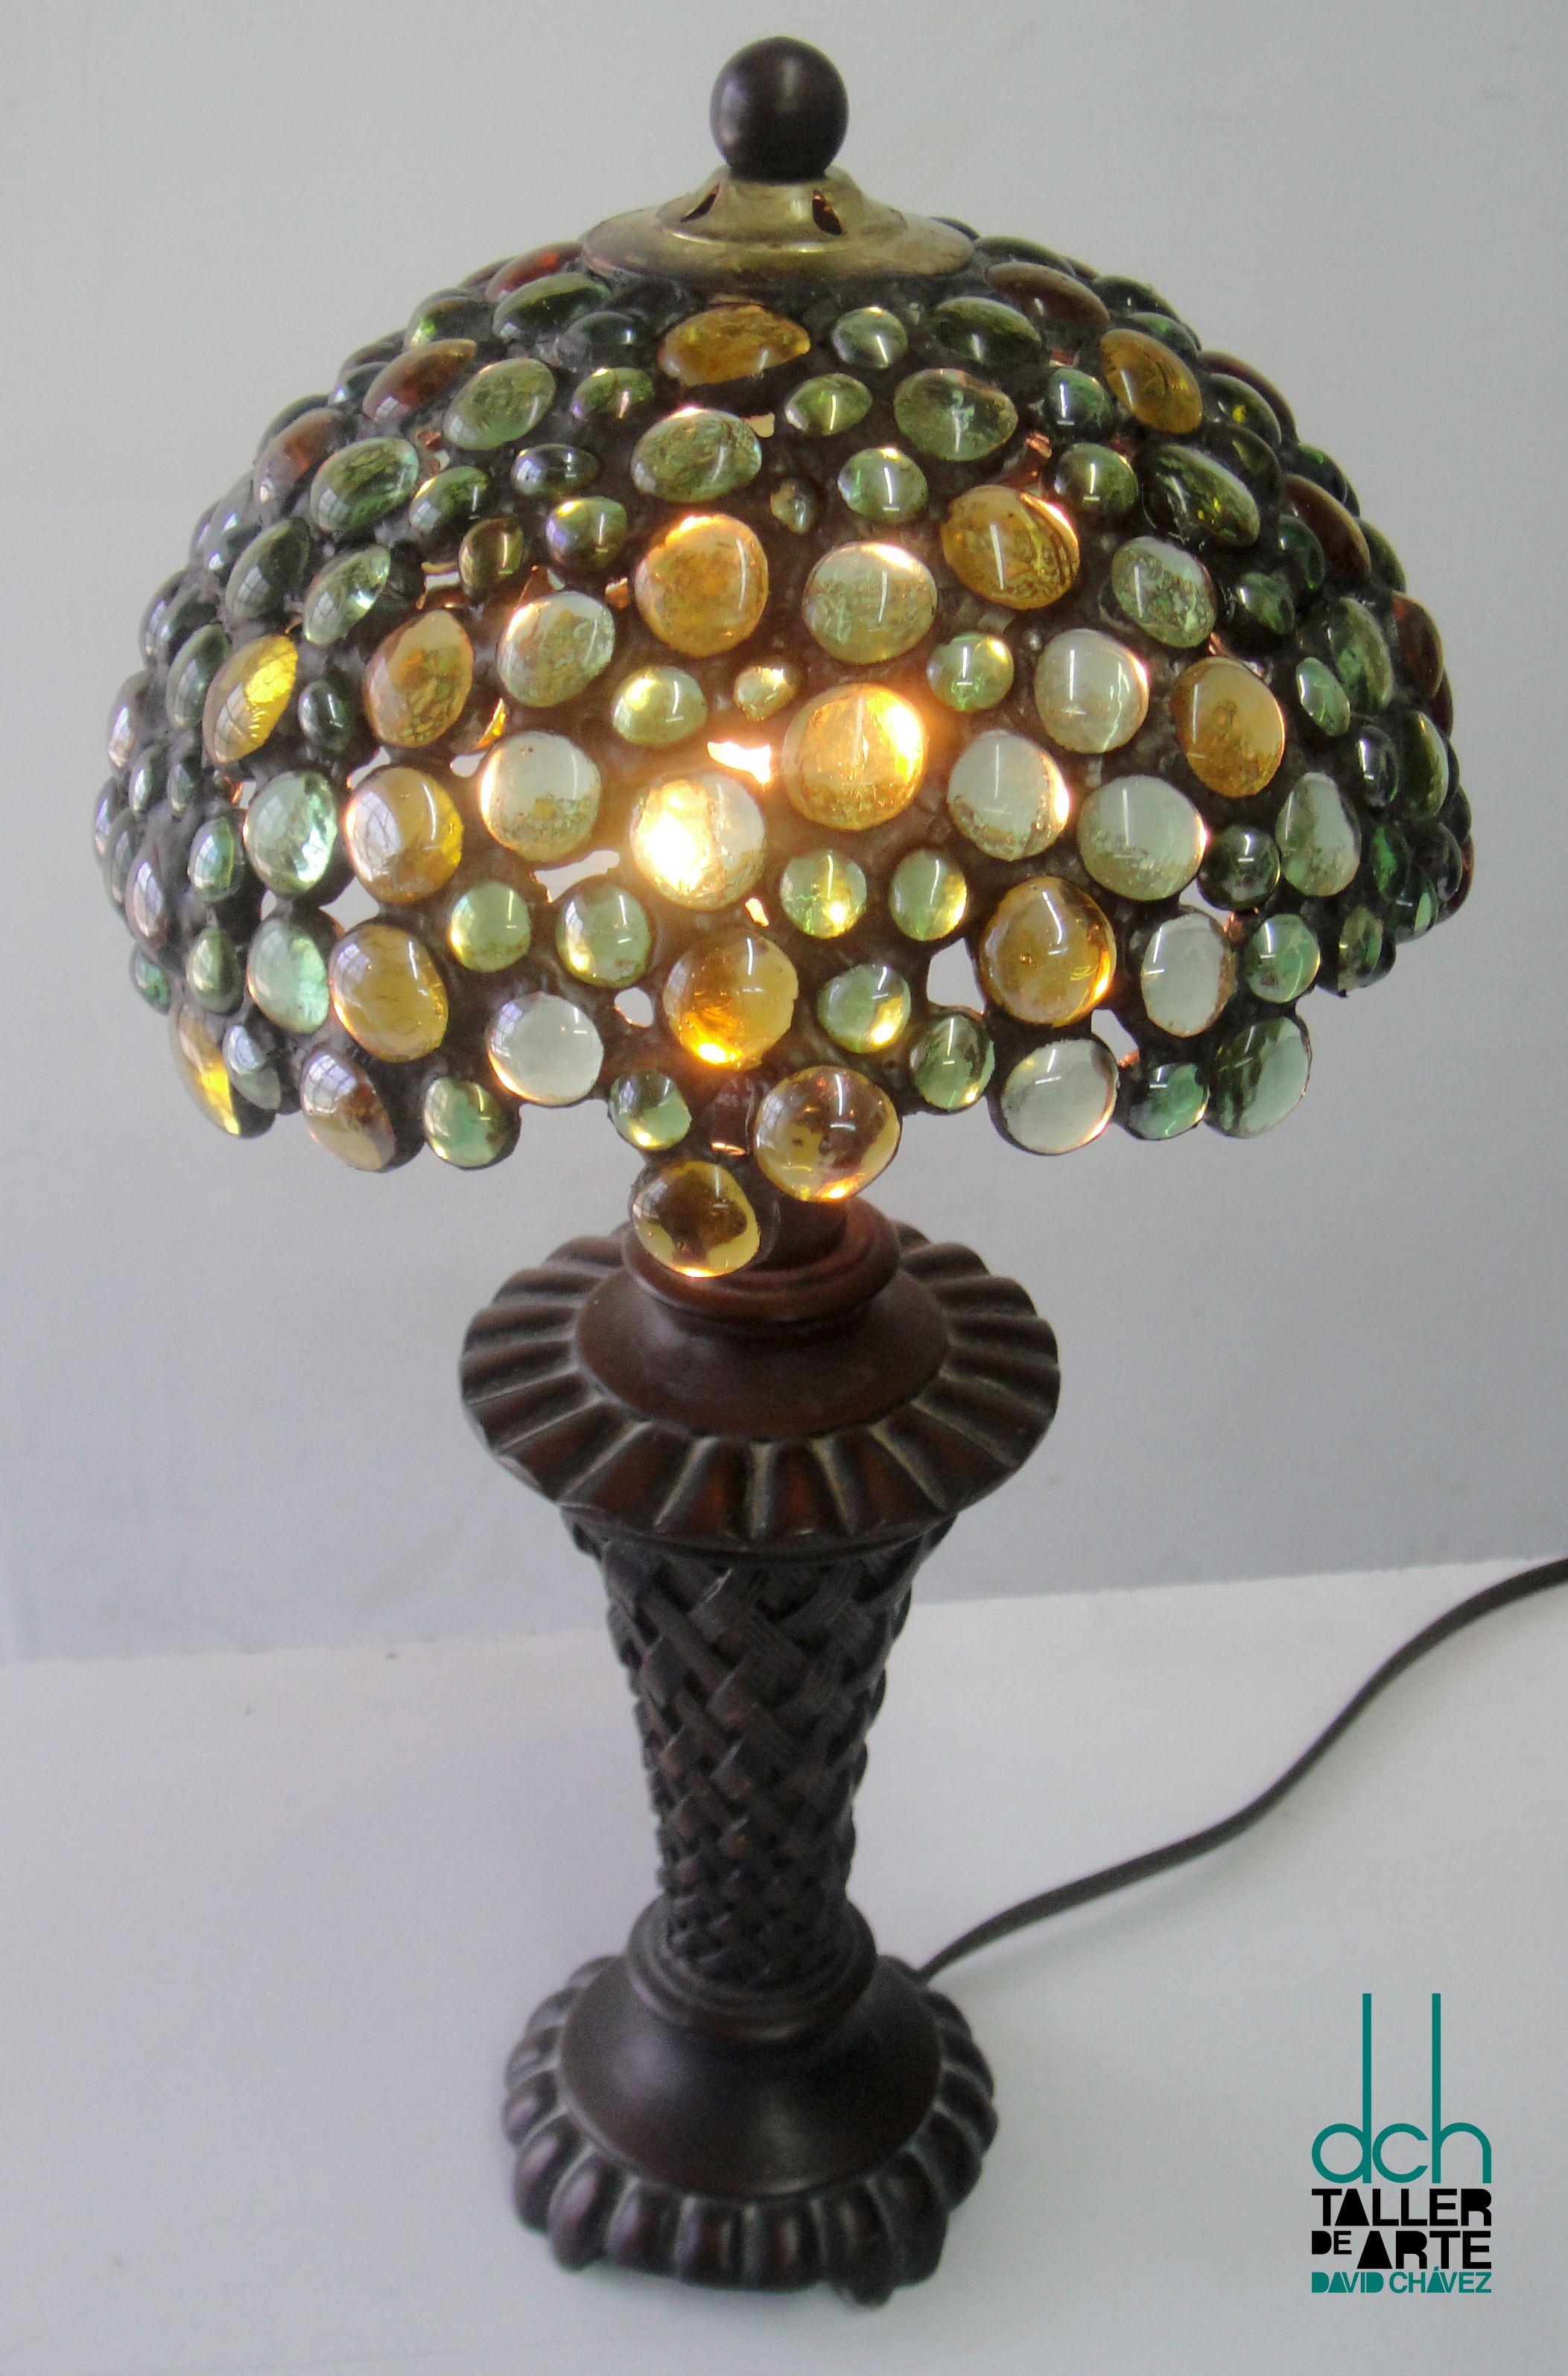 RESÉNDIZ realizó lámpara esta con Tiffany la tipo CLAUDIA CWBerdxo